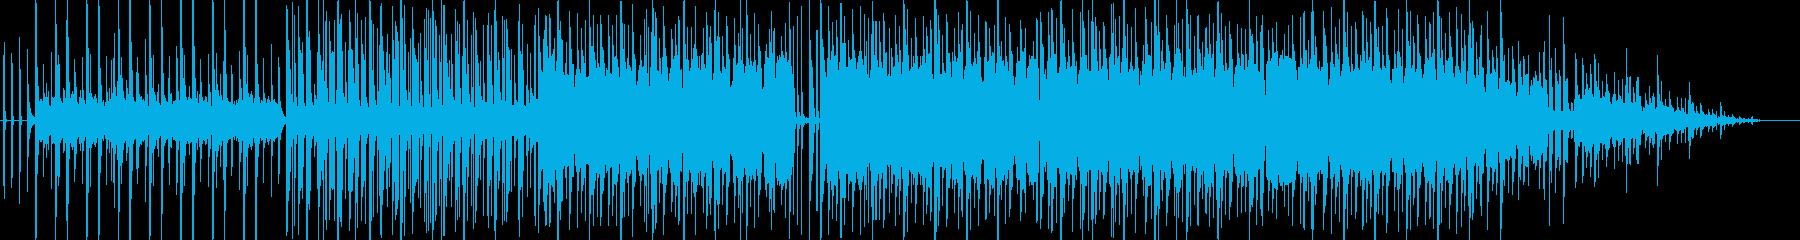 夏の空のLo-Fi Hiphopの再生済みの波形